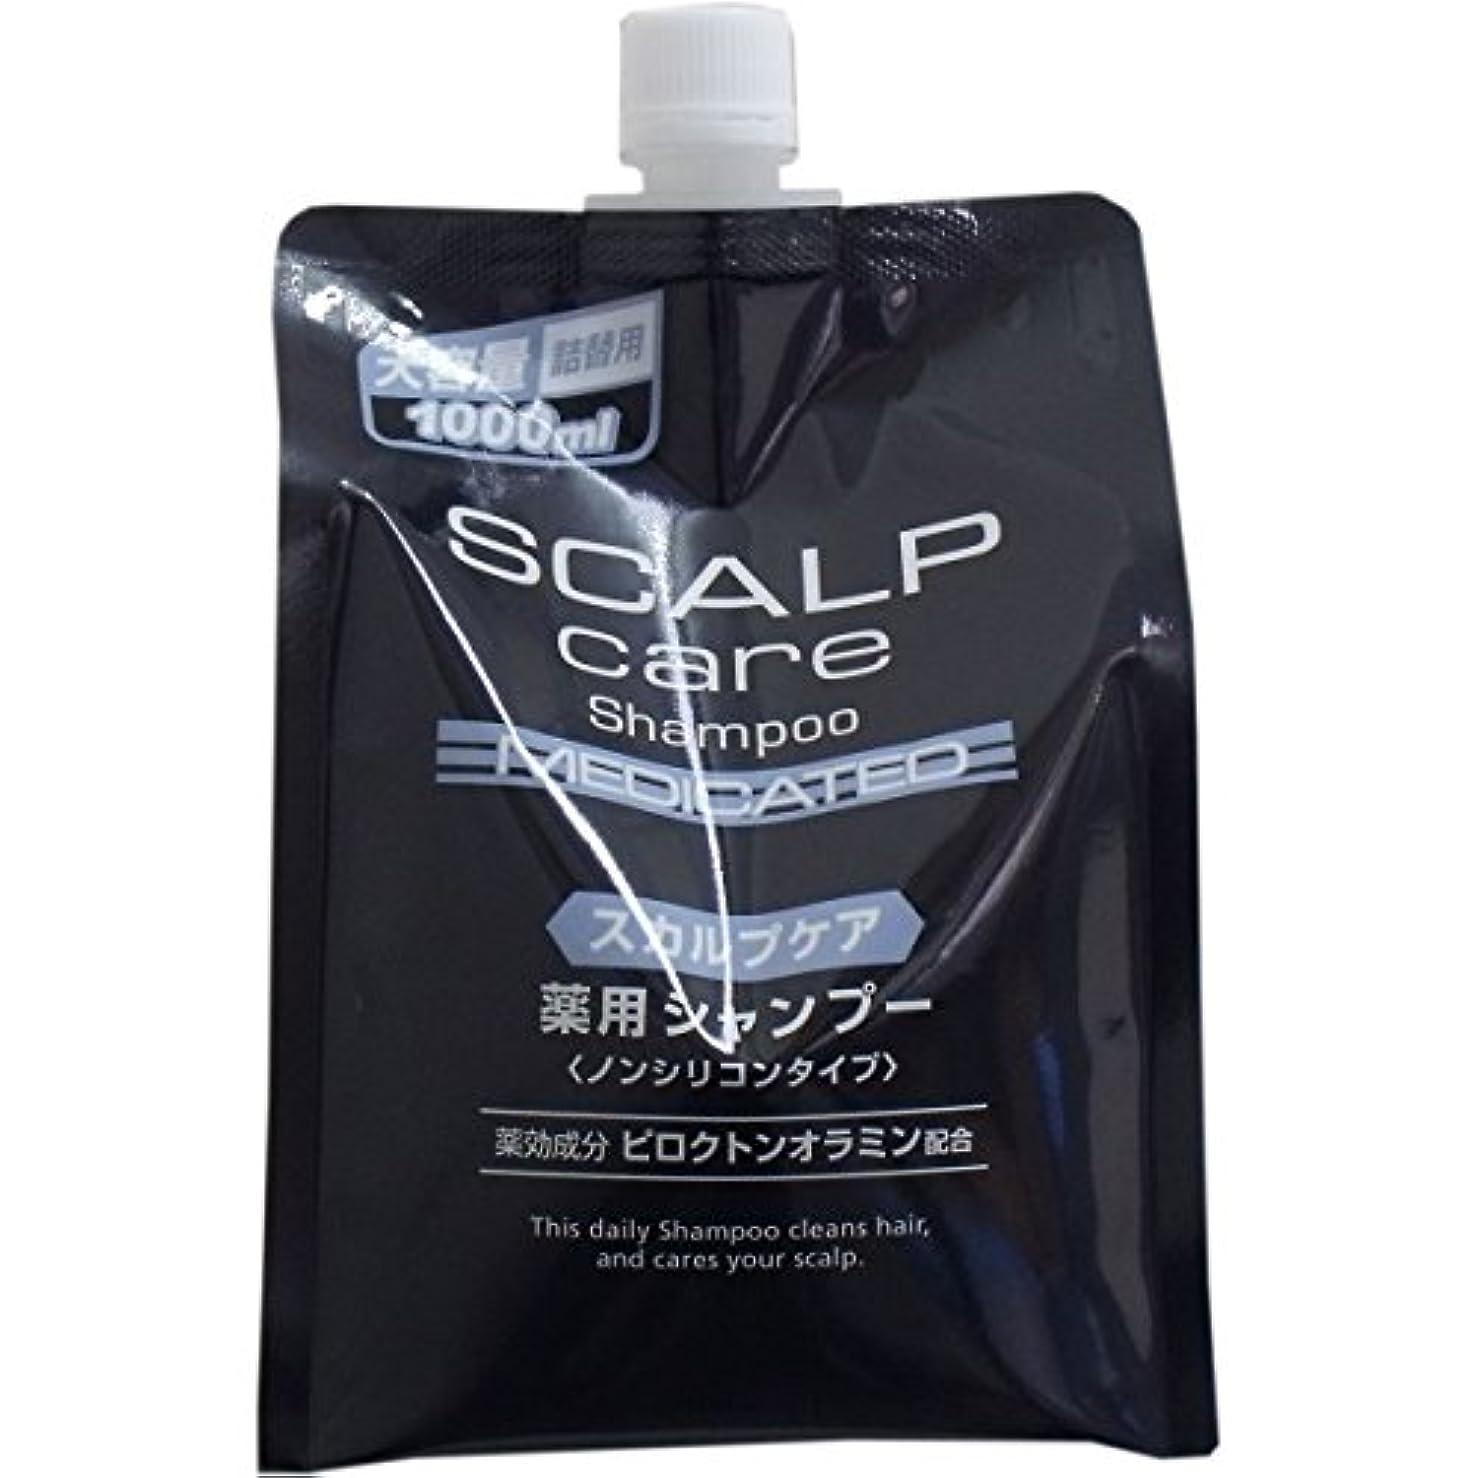 フォアタイプシガレット構造的ピース薬品 スカルプシャンプー 大容量詰替用 1000ml